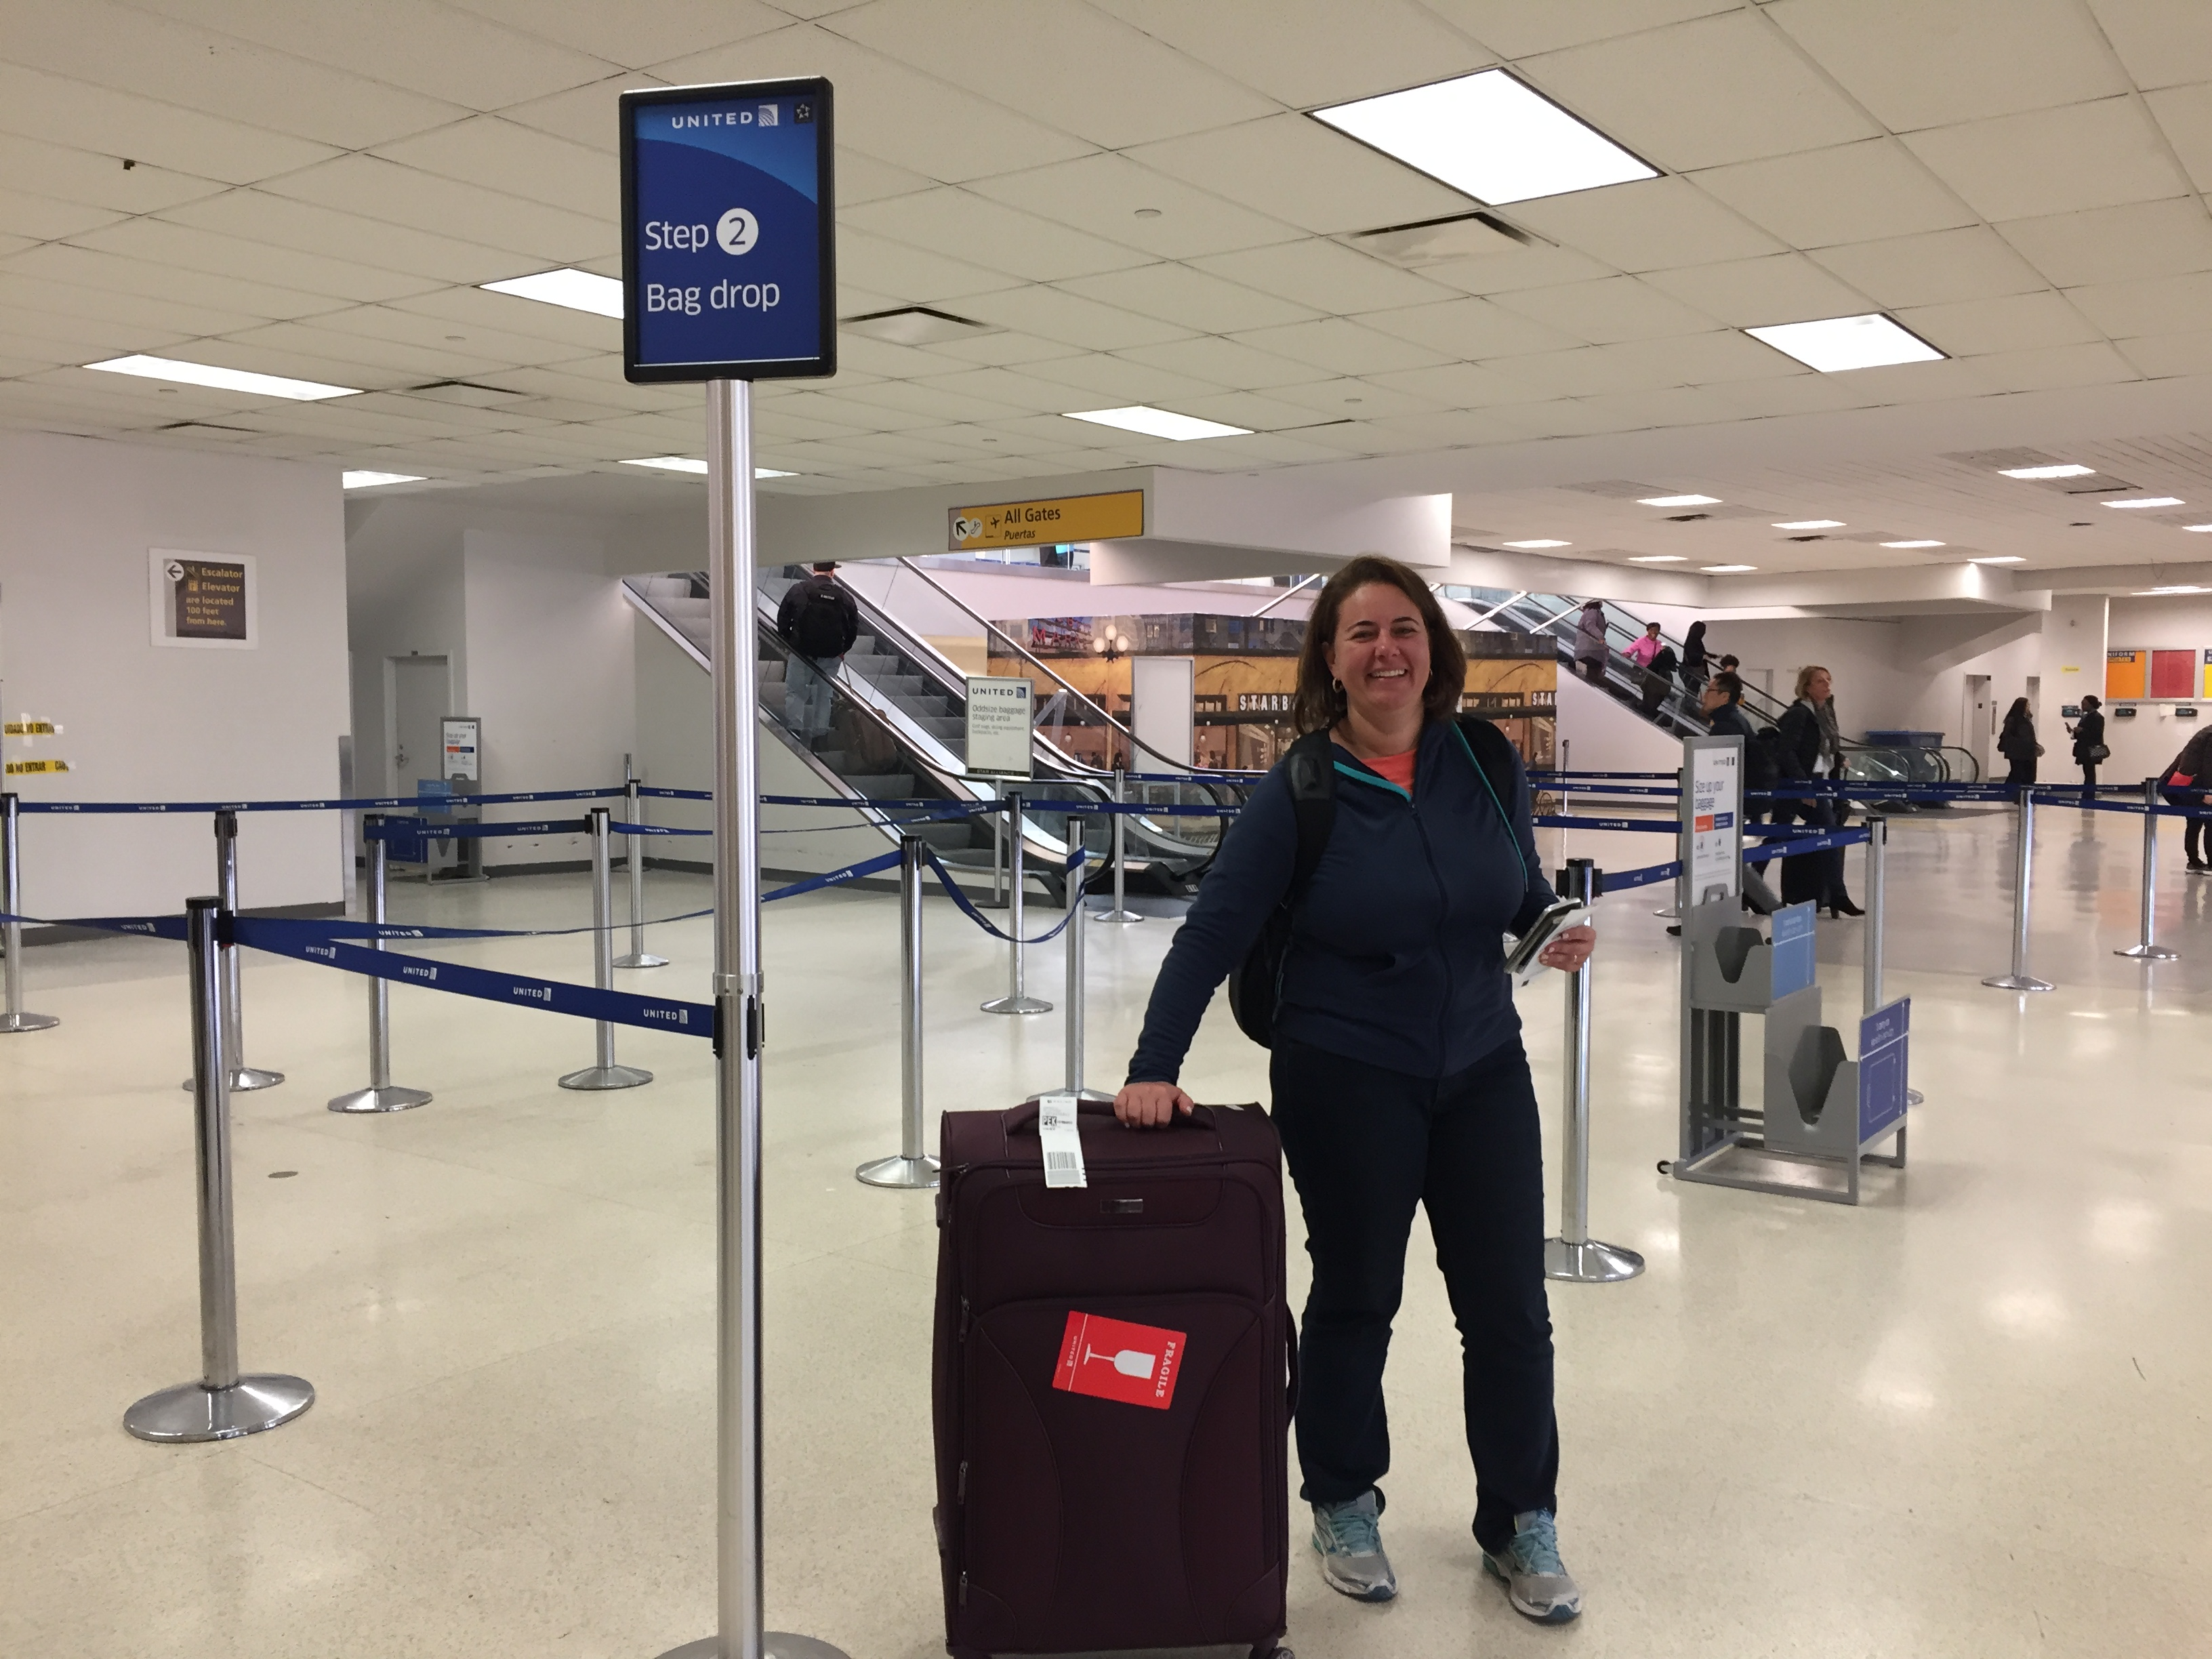 IMG 3582 - Haciendo el check in automático de United en Newark